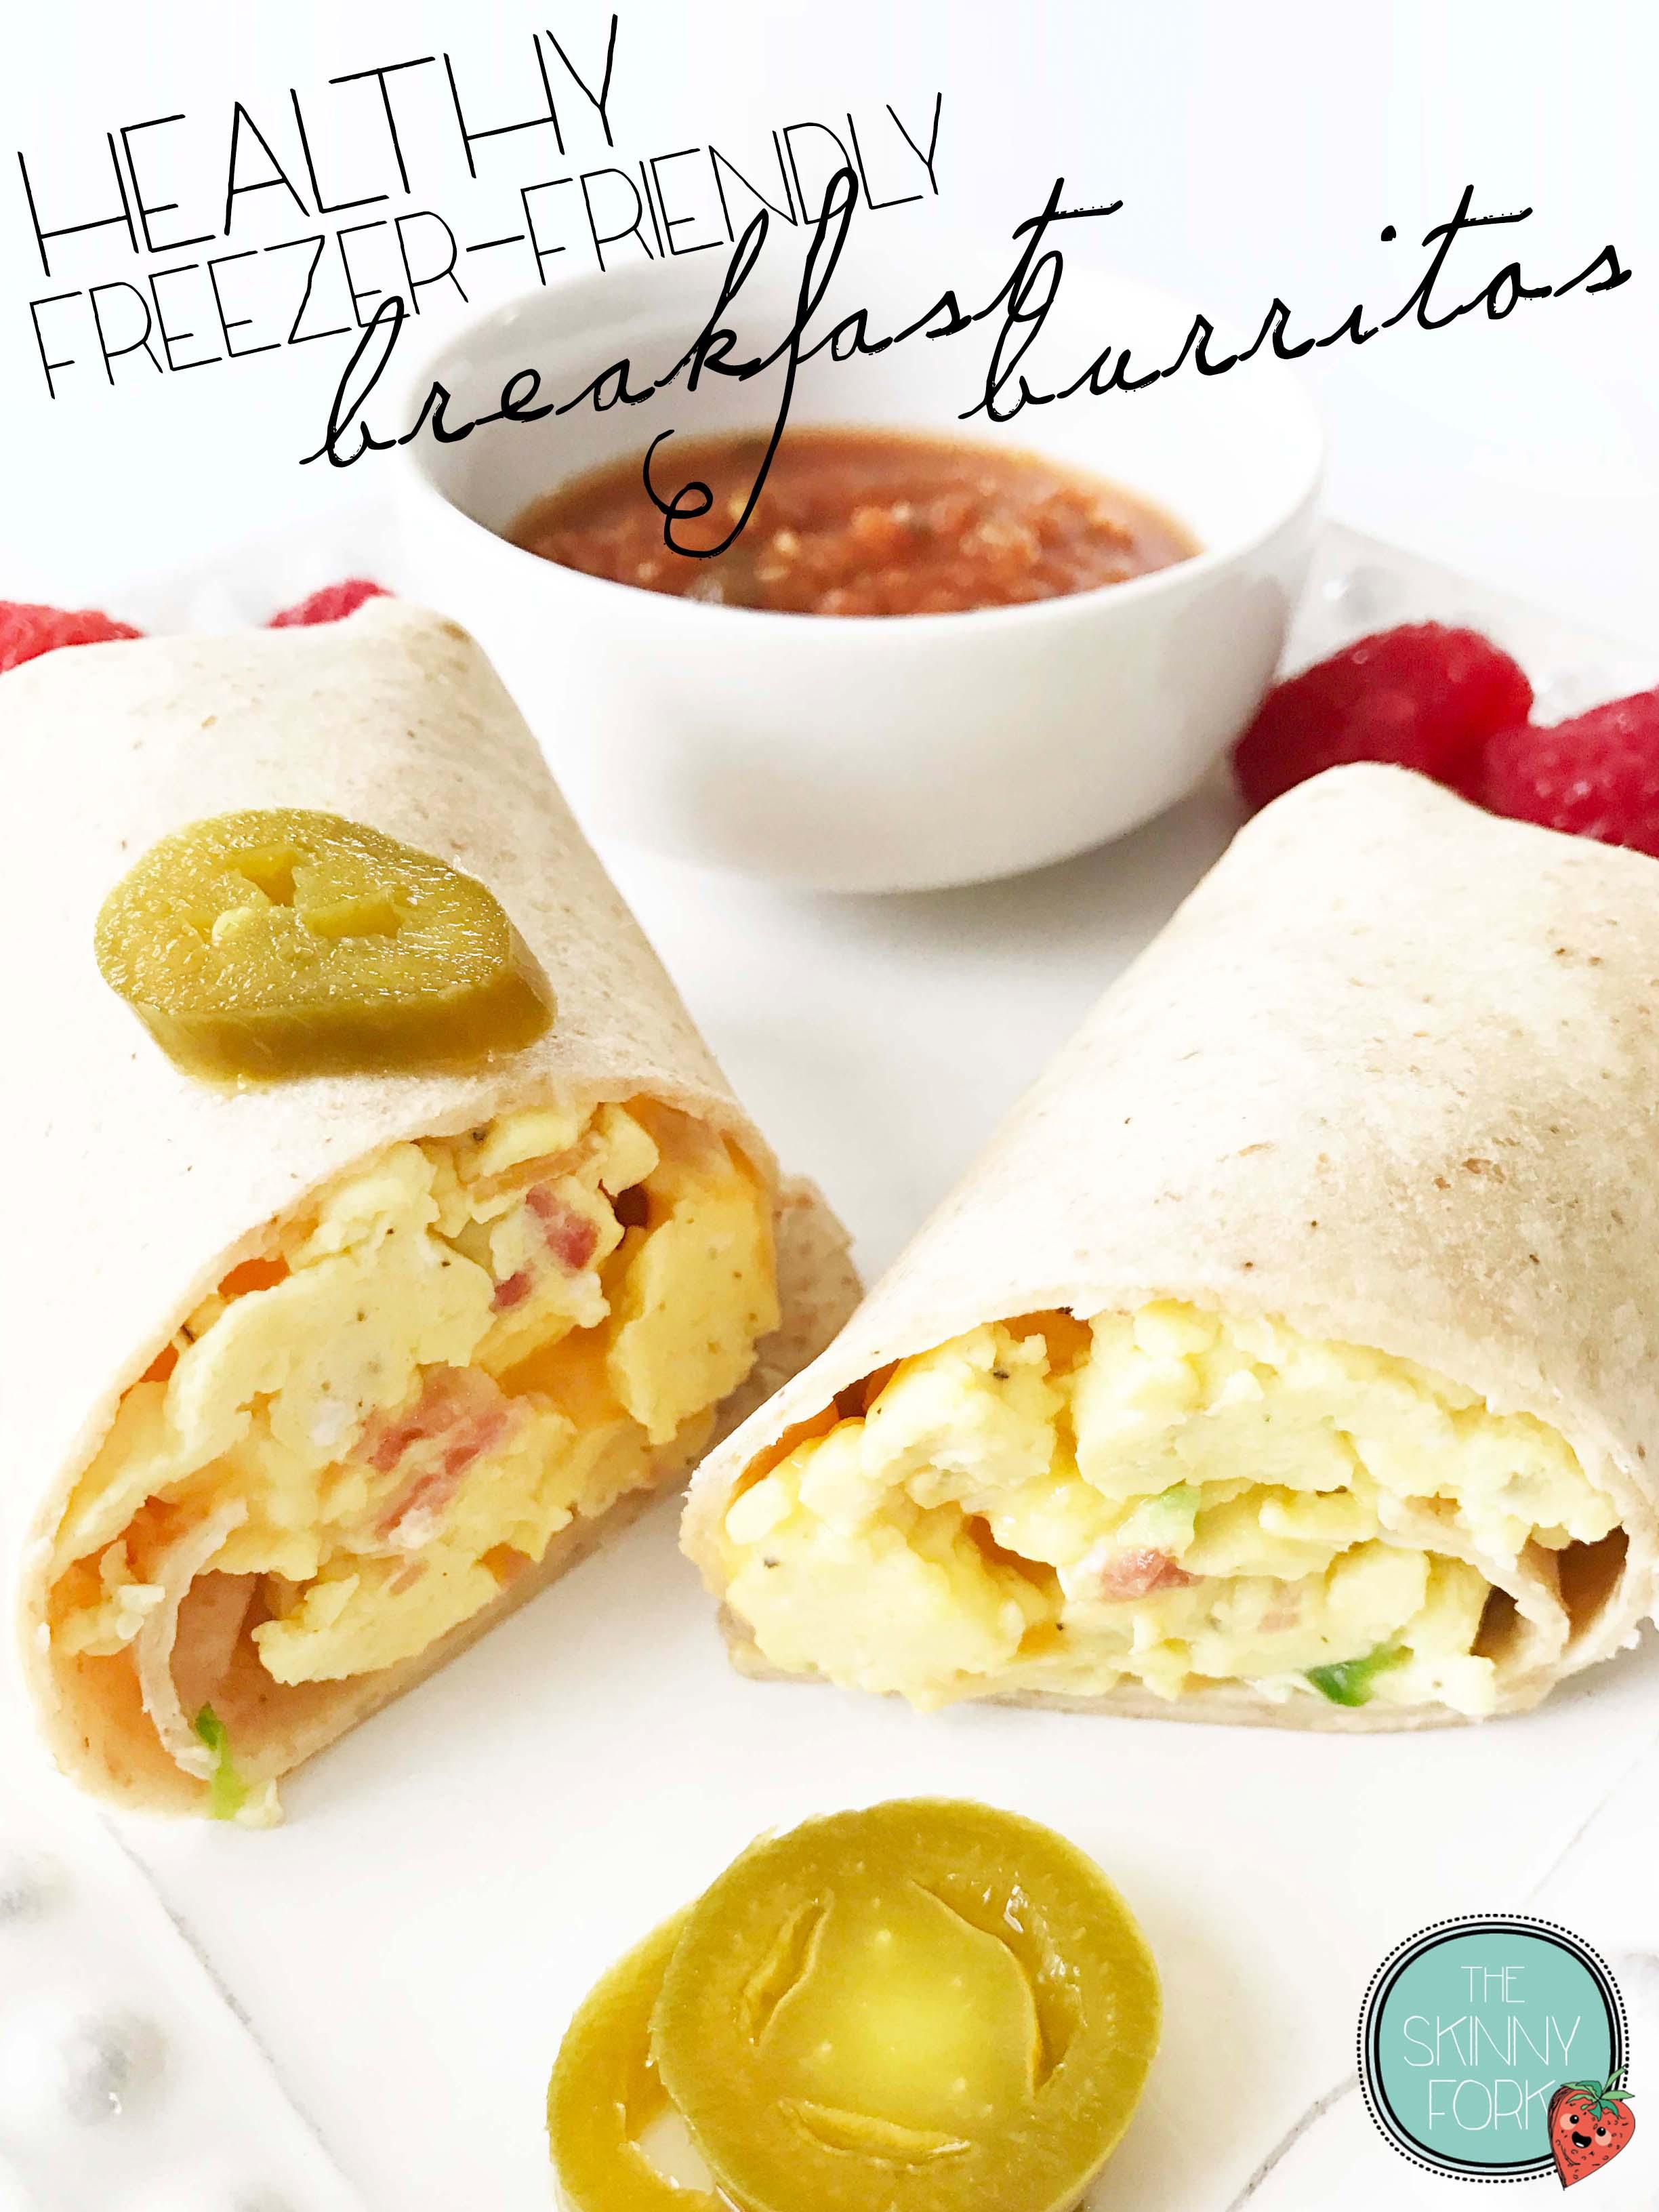 freezer-breakfast-burrito-pin.jpg